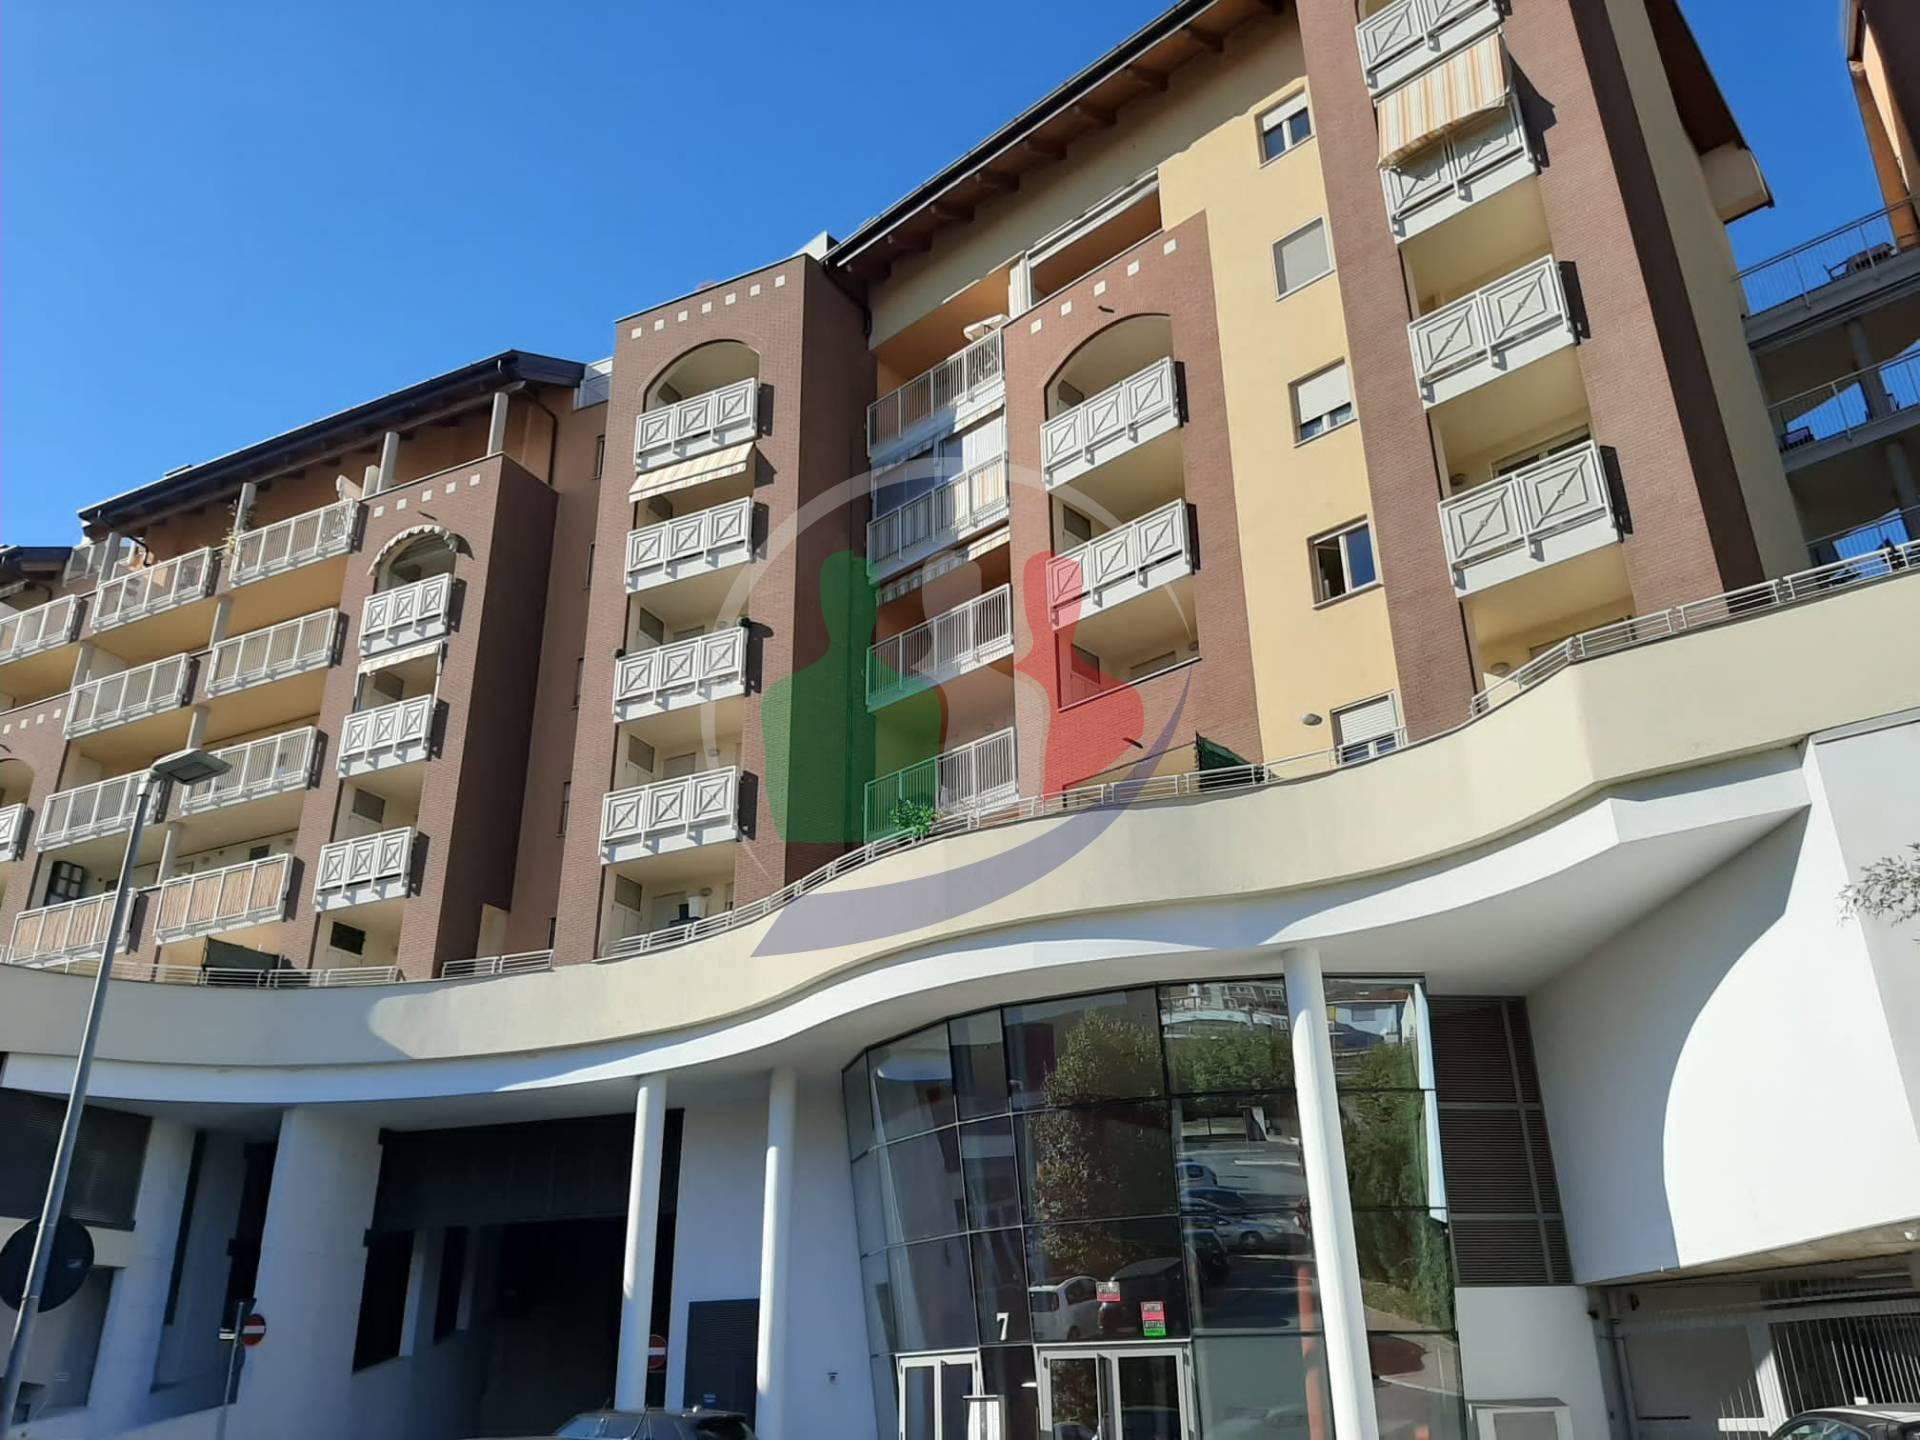 Appartamento in vendita a Moncalieri, 3 locali, prezzo € 175.000   PortaleAgenzieImmobiliari.it